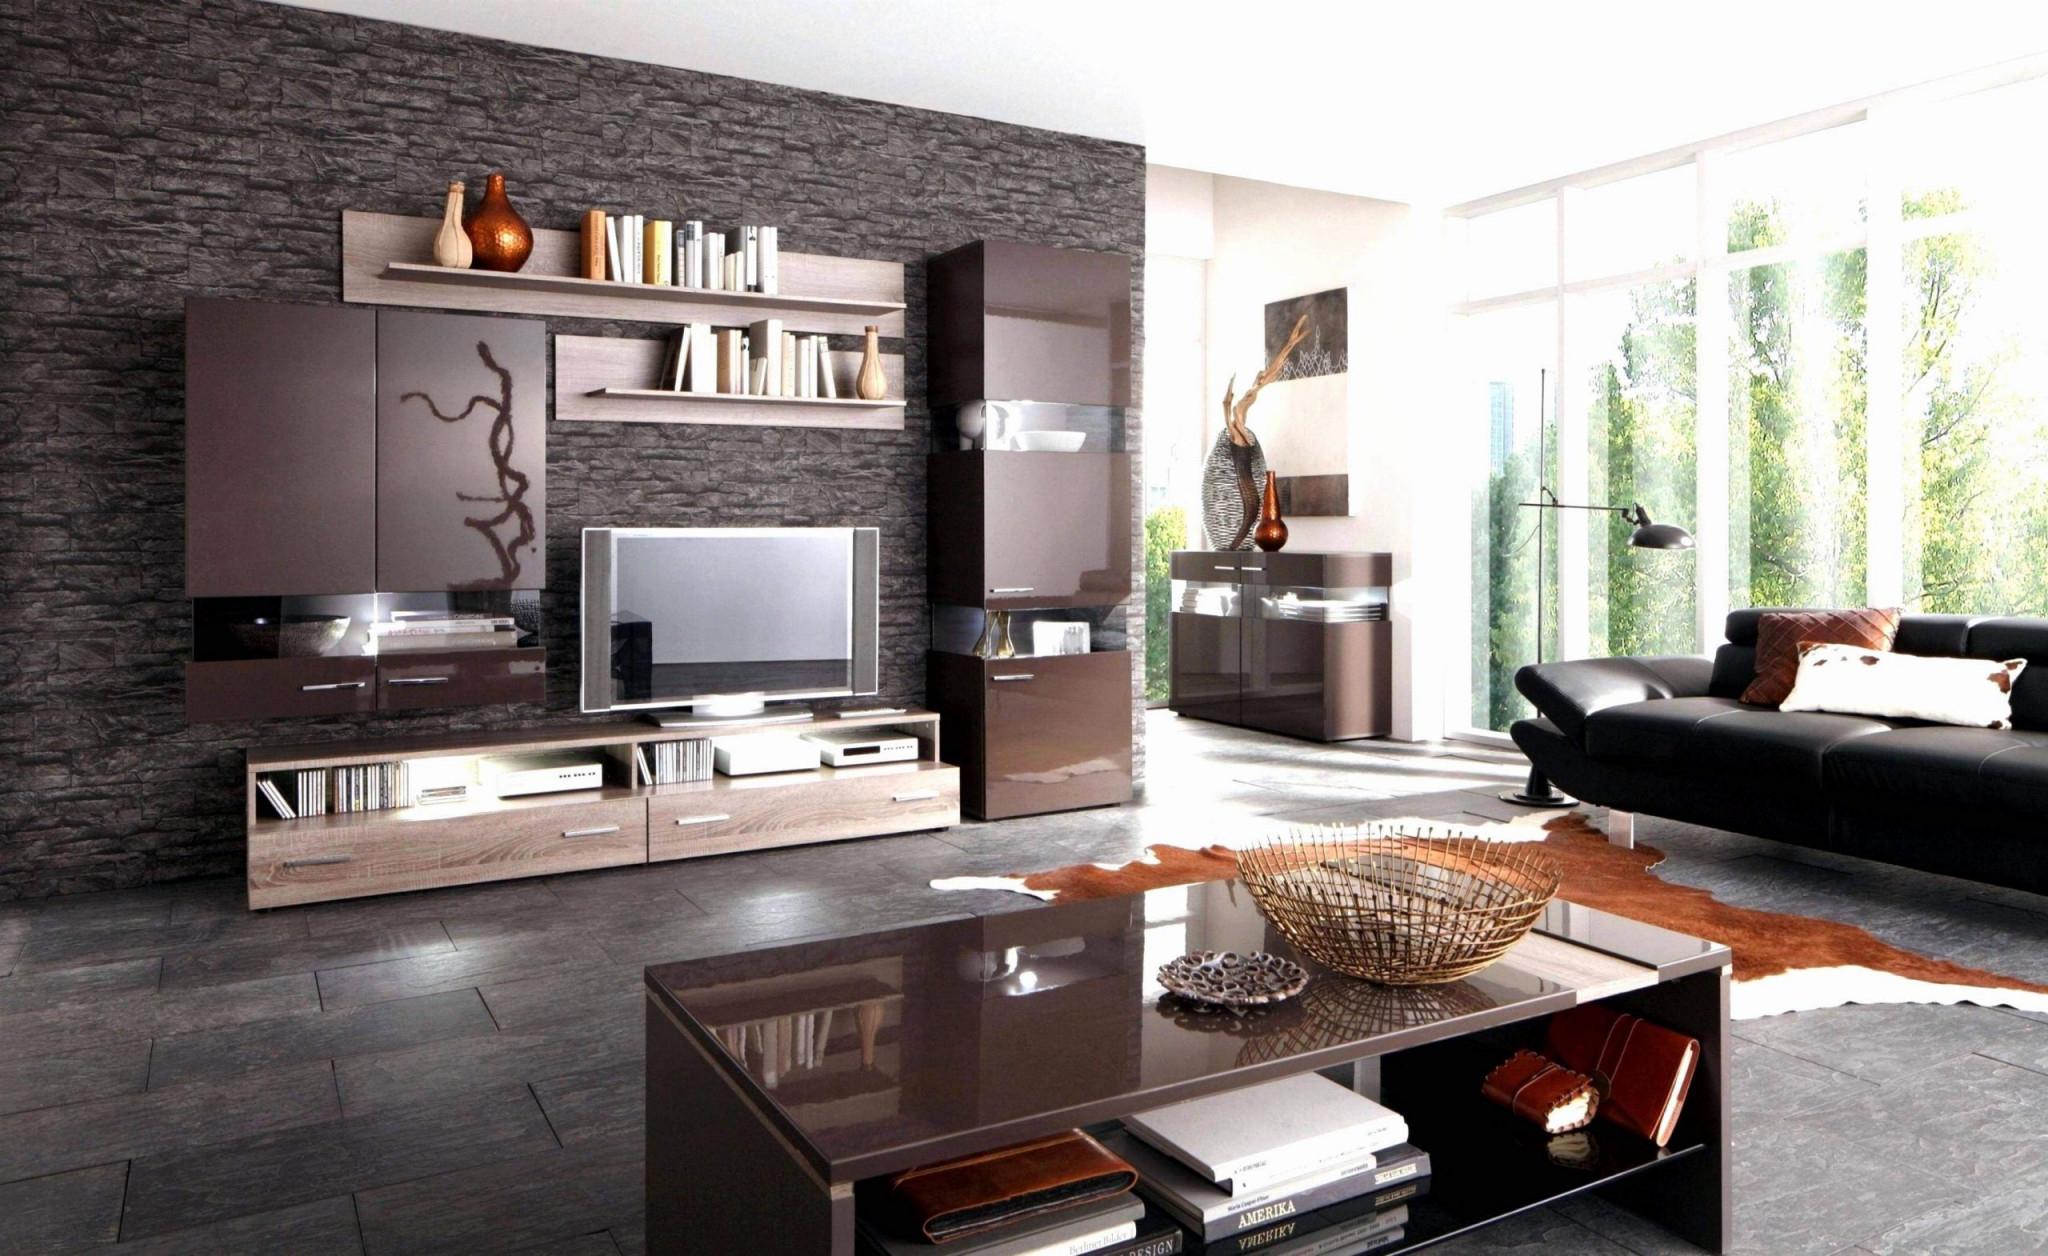 Wohnzimmer Ideen Landhausstil Modern Inspirierend Bilder von Wohnzimmer Landhausstil Ideen Bild